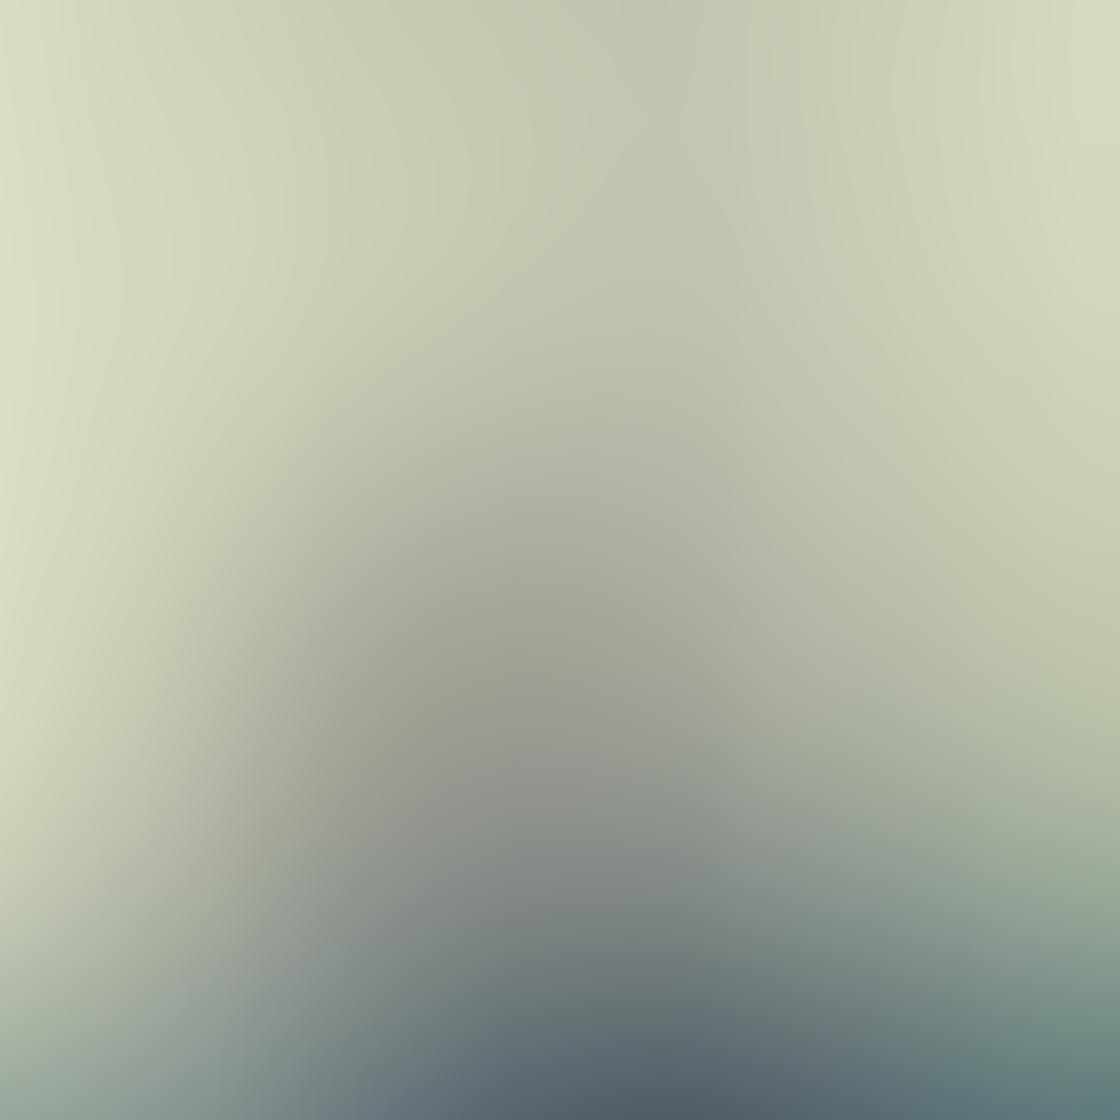 iPhone Photos Texture 58